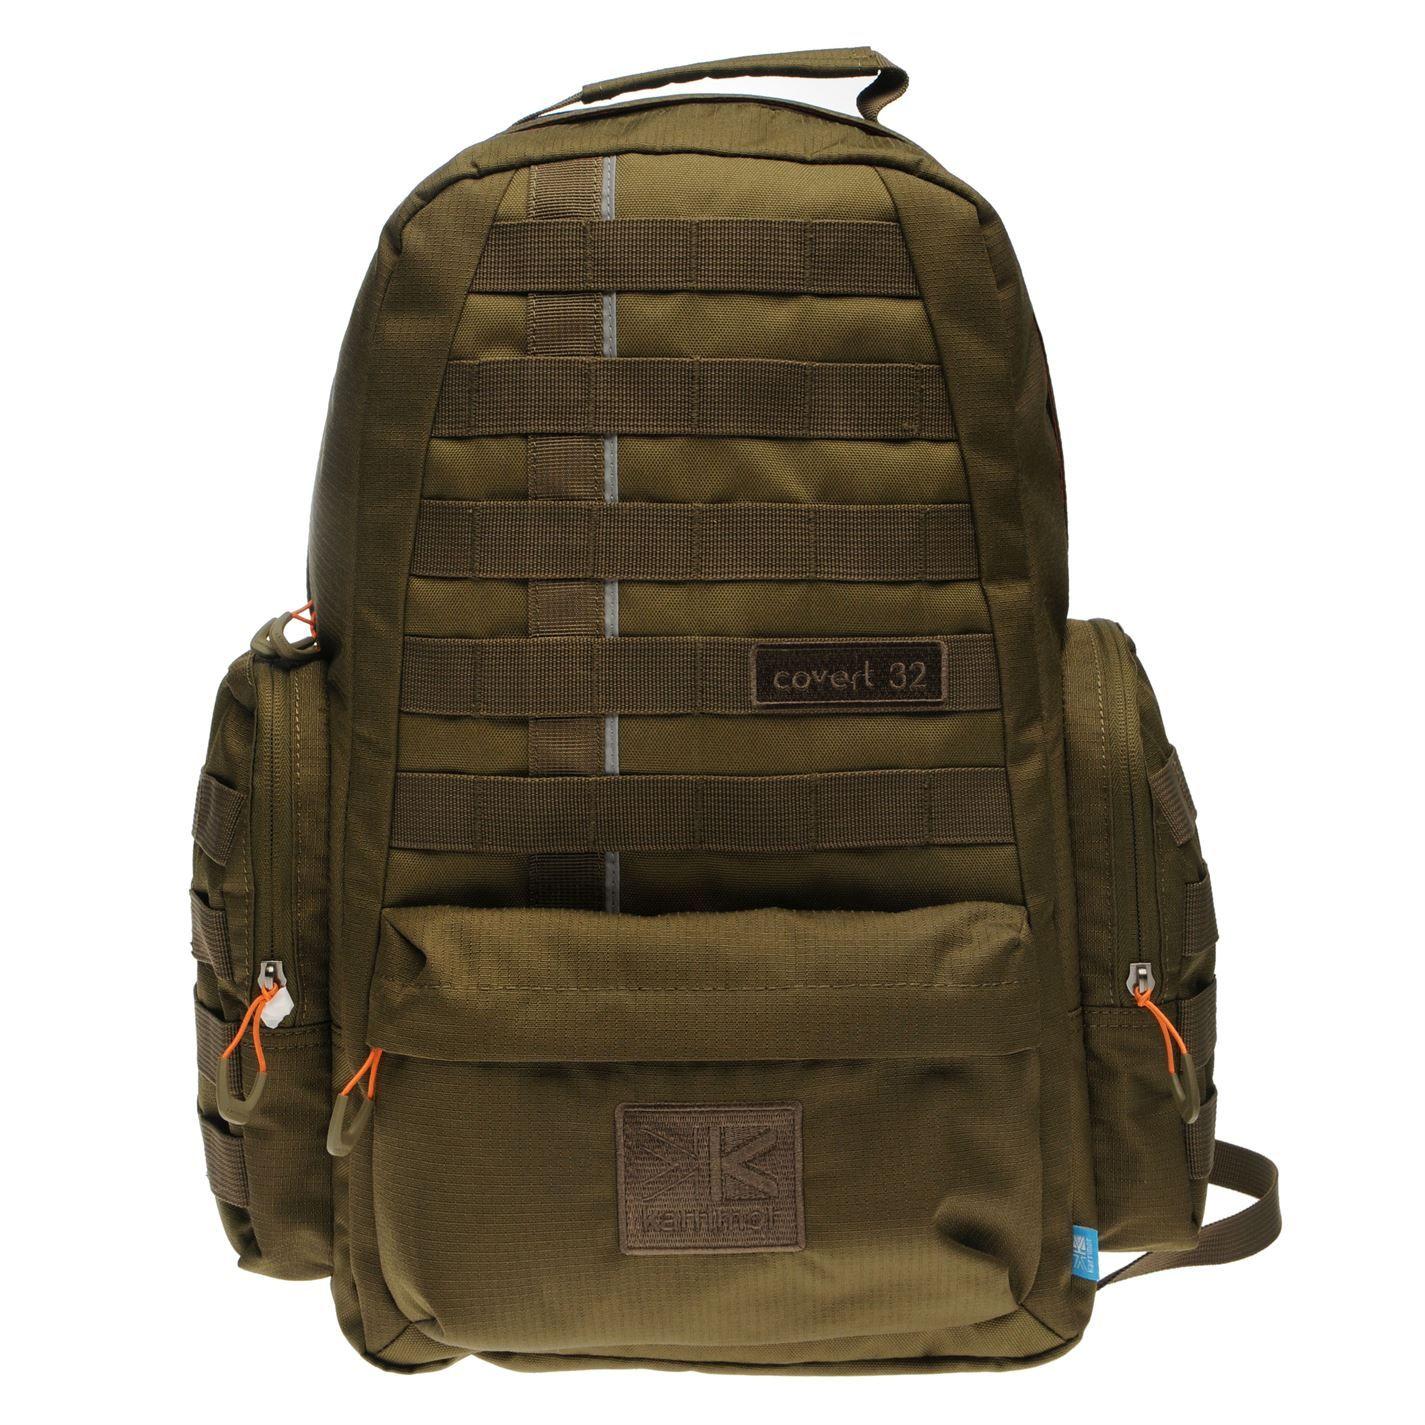 Karrimor Covert Rucksack Back pack Bag